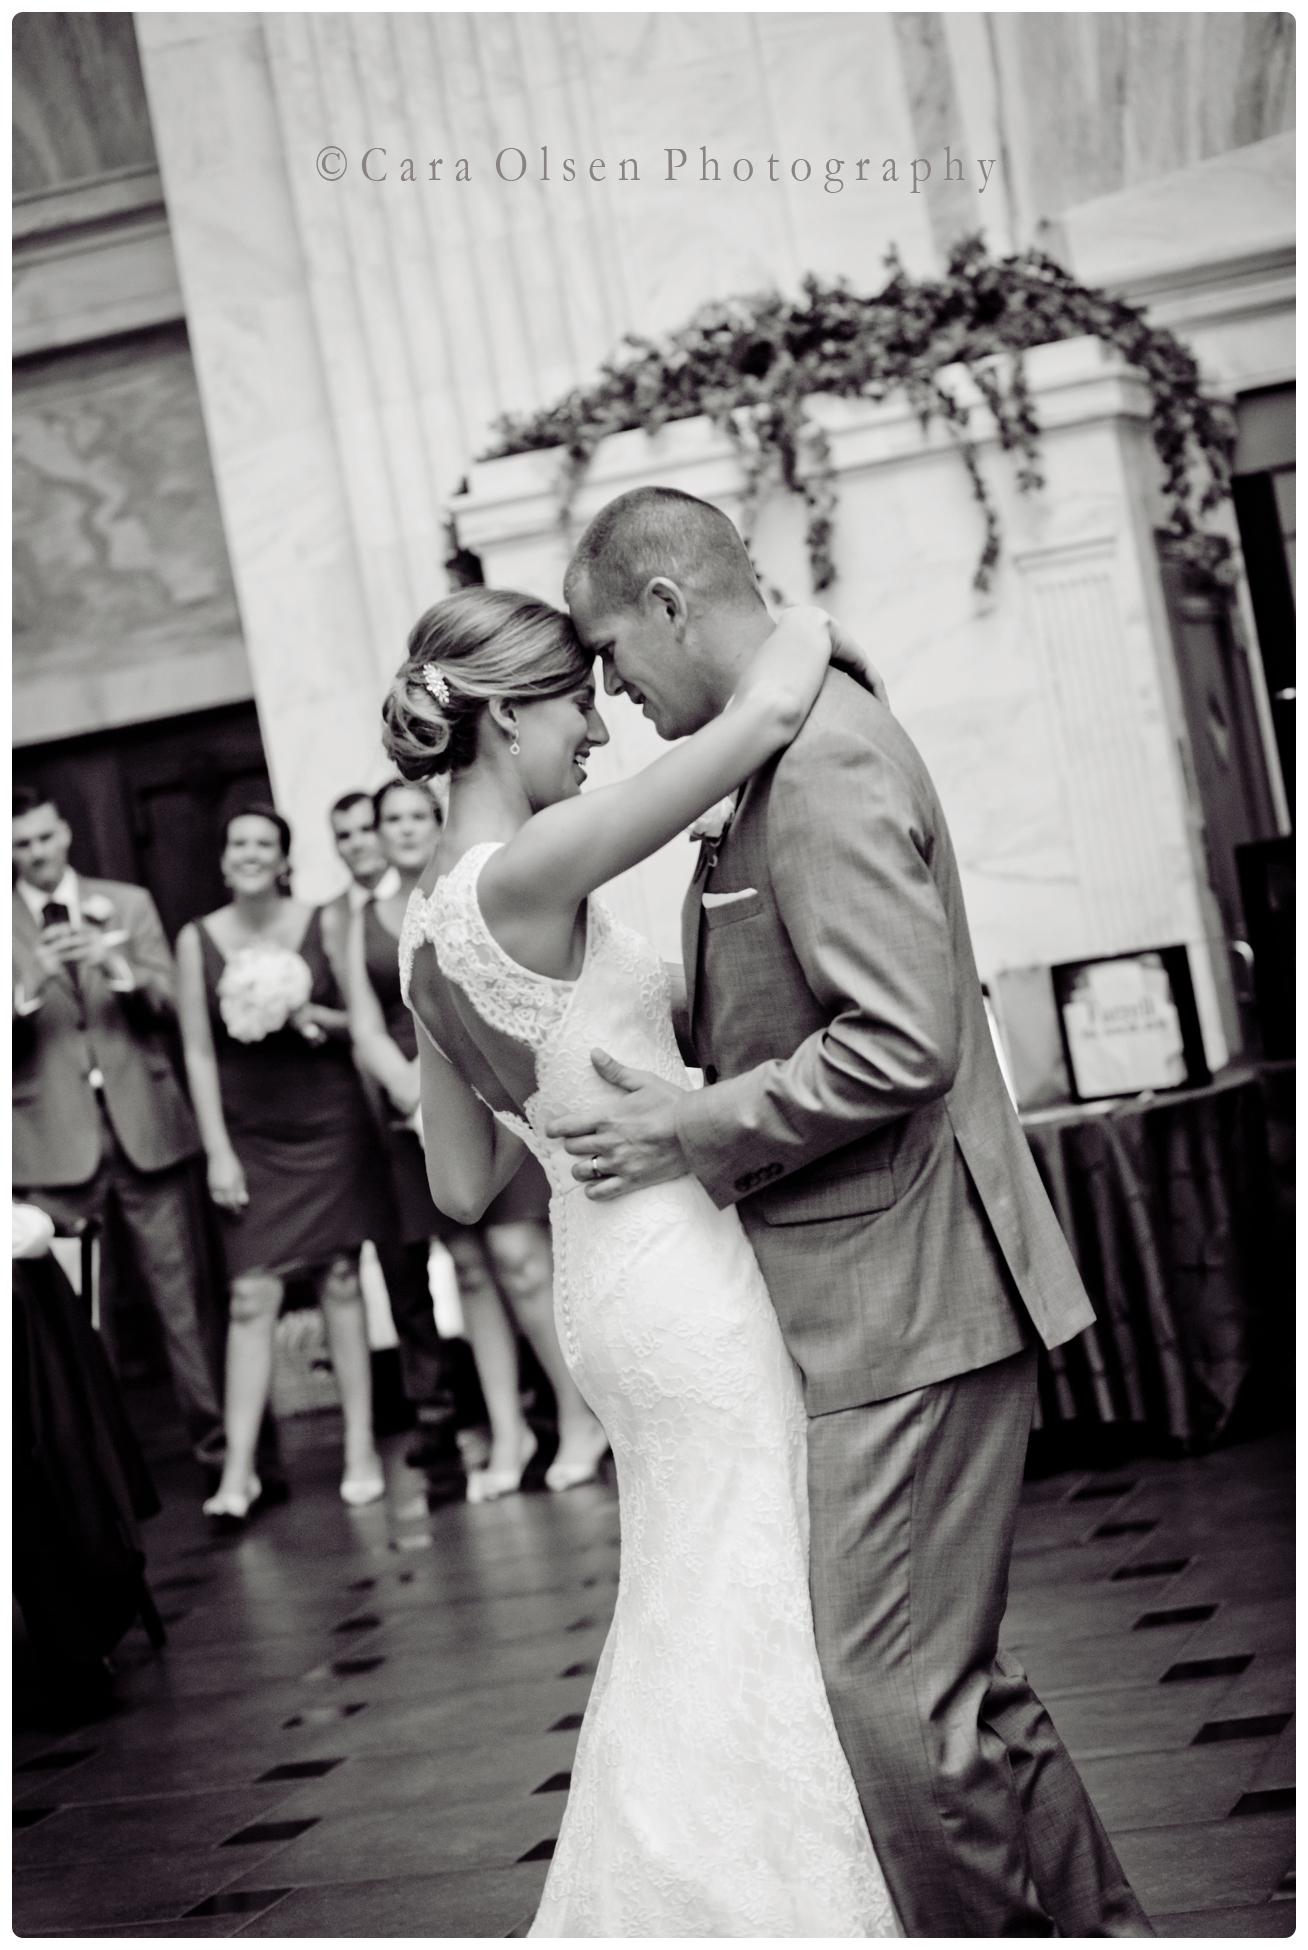 www.caraolsenphoto.com